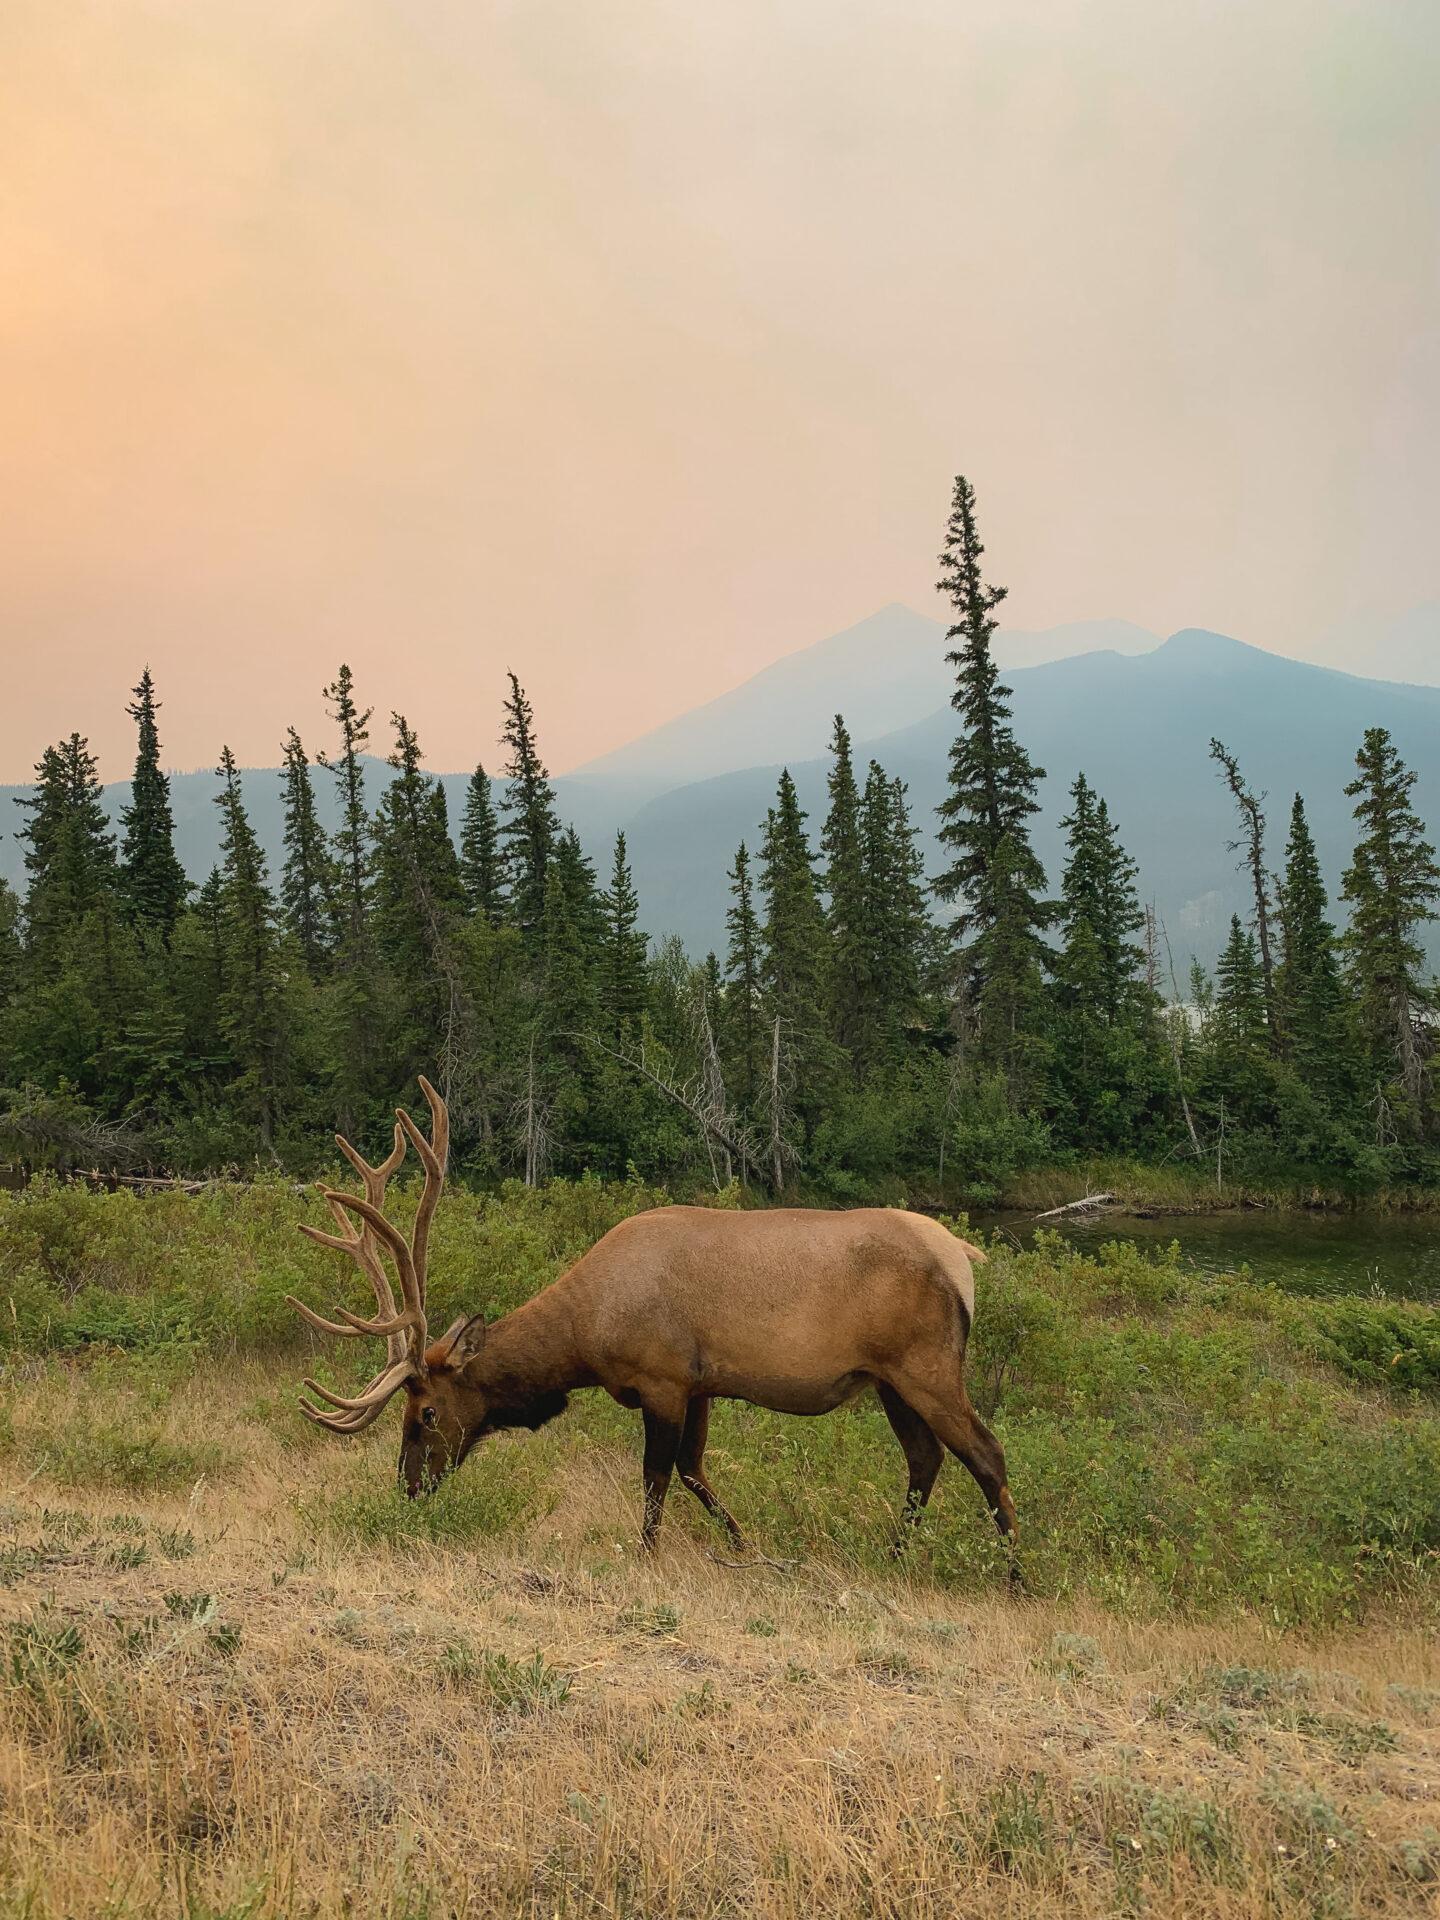 Wild caribou in Jasper National Park, Alberta